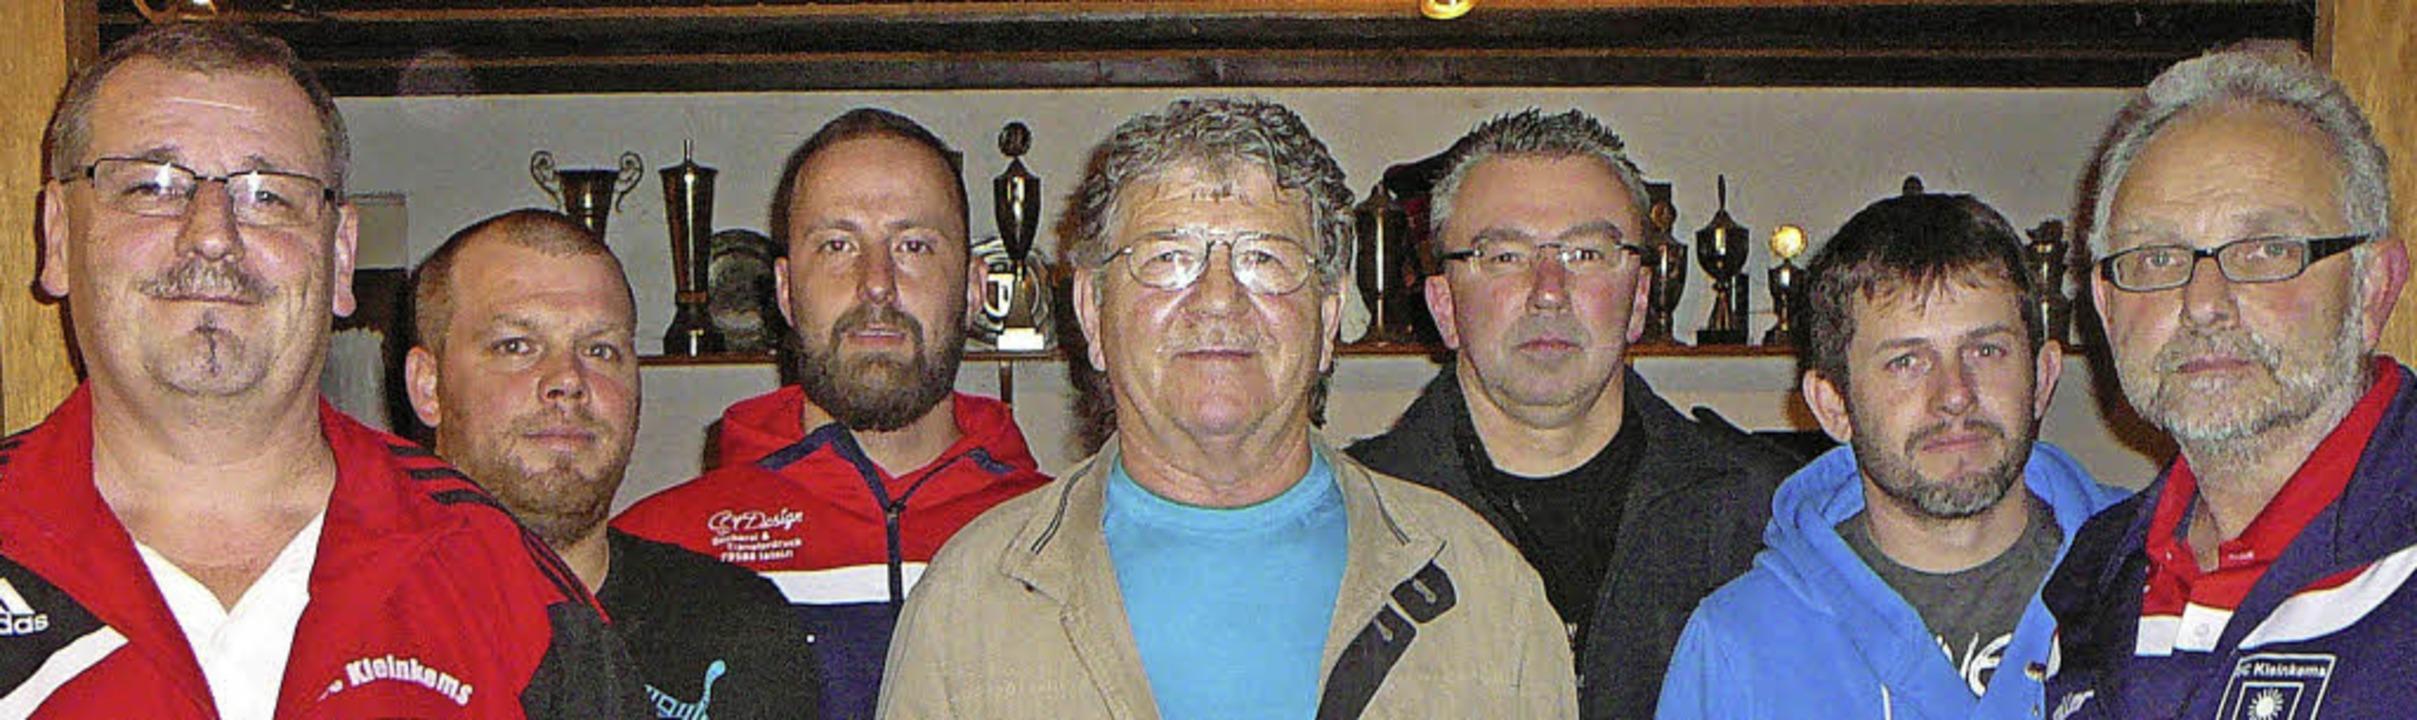 Die Neugewählten und Geehrten des Spor...er Ame und Wolfgang Eyrich (von links)    Foto: Rolf Mück